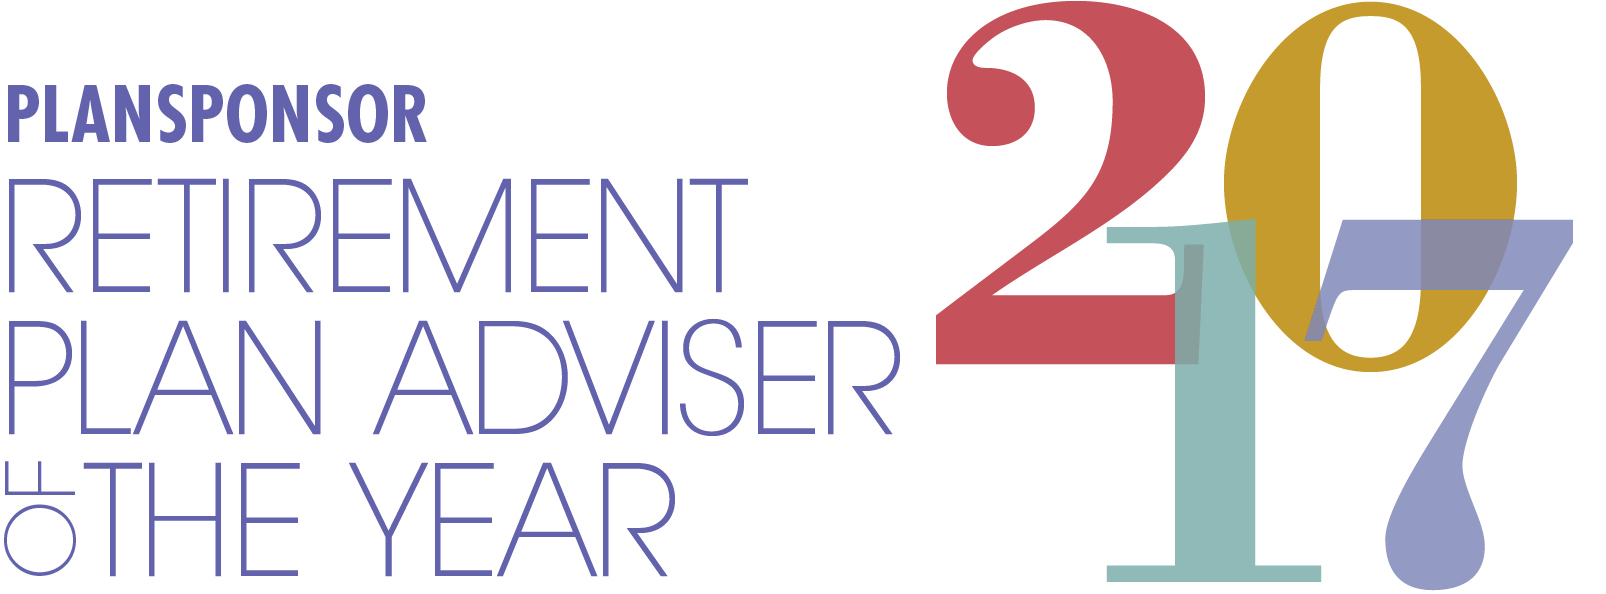 2017 PLANSPONSOR Retirement Plan Adviser of the Year